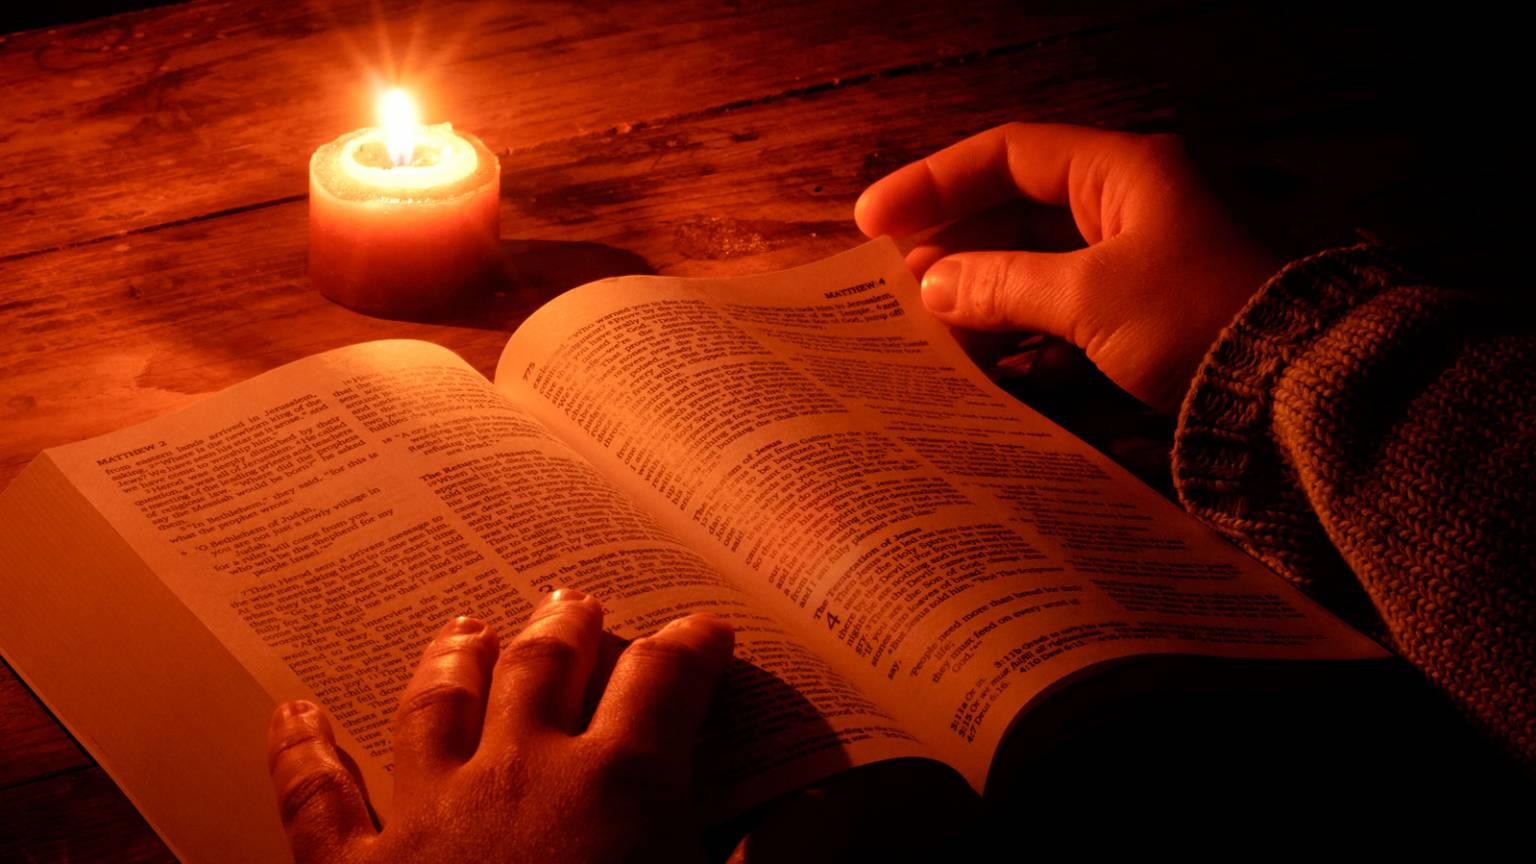 formacao_aprenda-o-sentido-do-jejum-descrito-na-biblia-1-1536x864.jpg